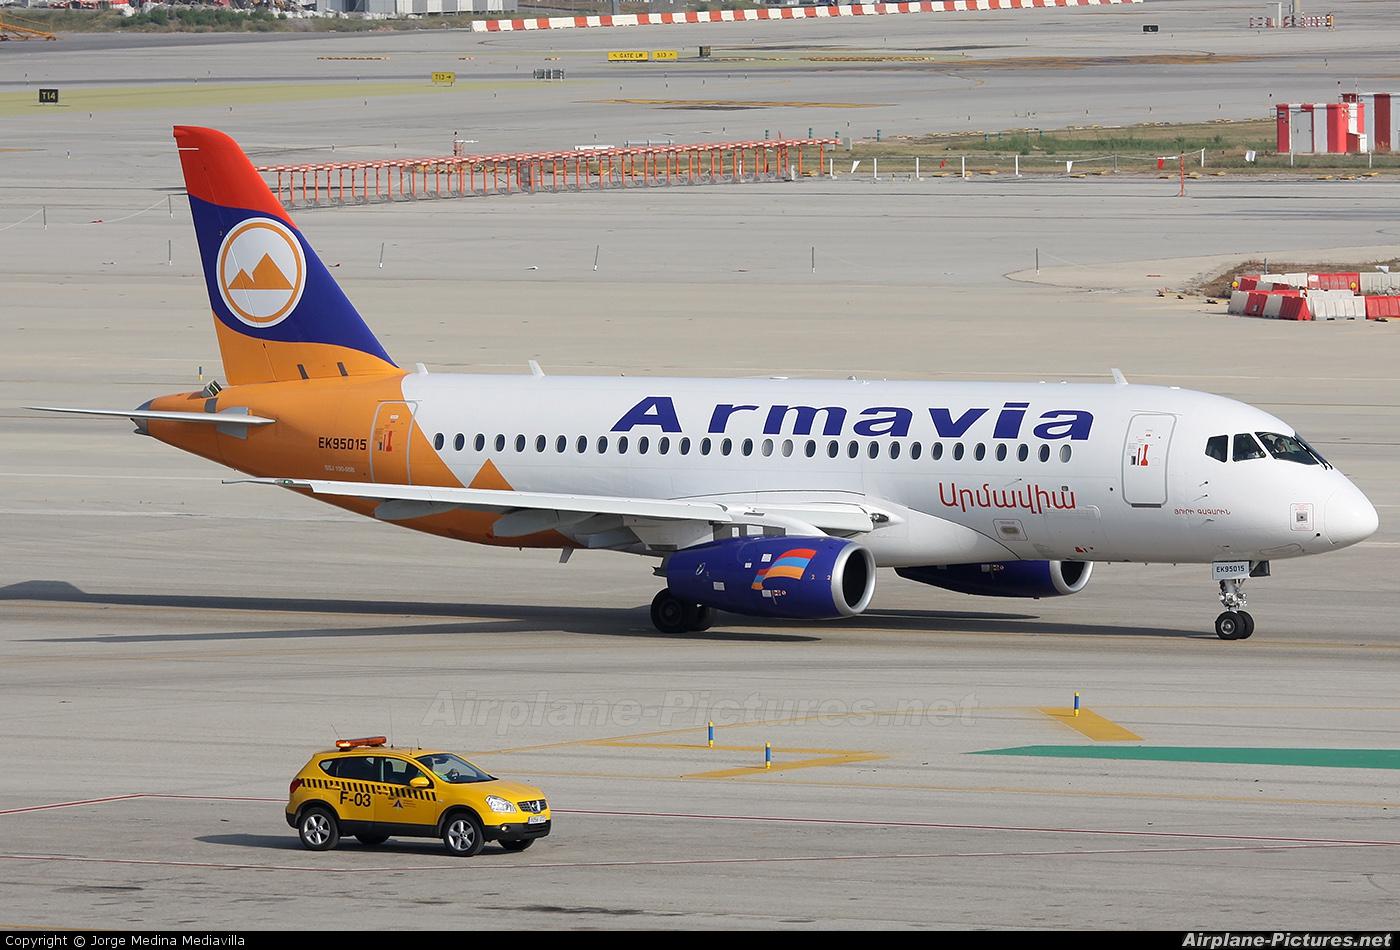 Armavia EK-95015 aircraft at Barcelona - El Prat